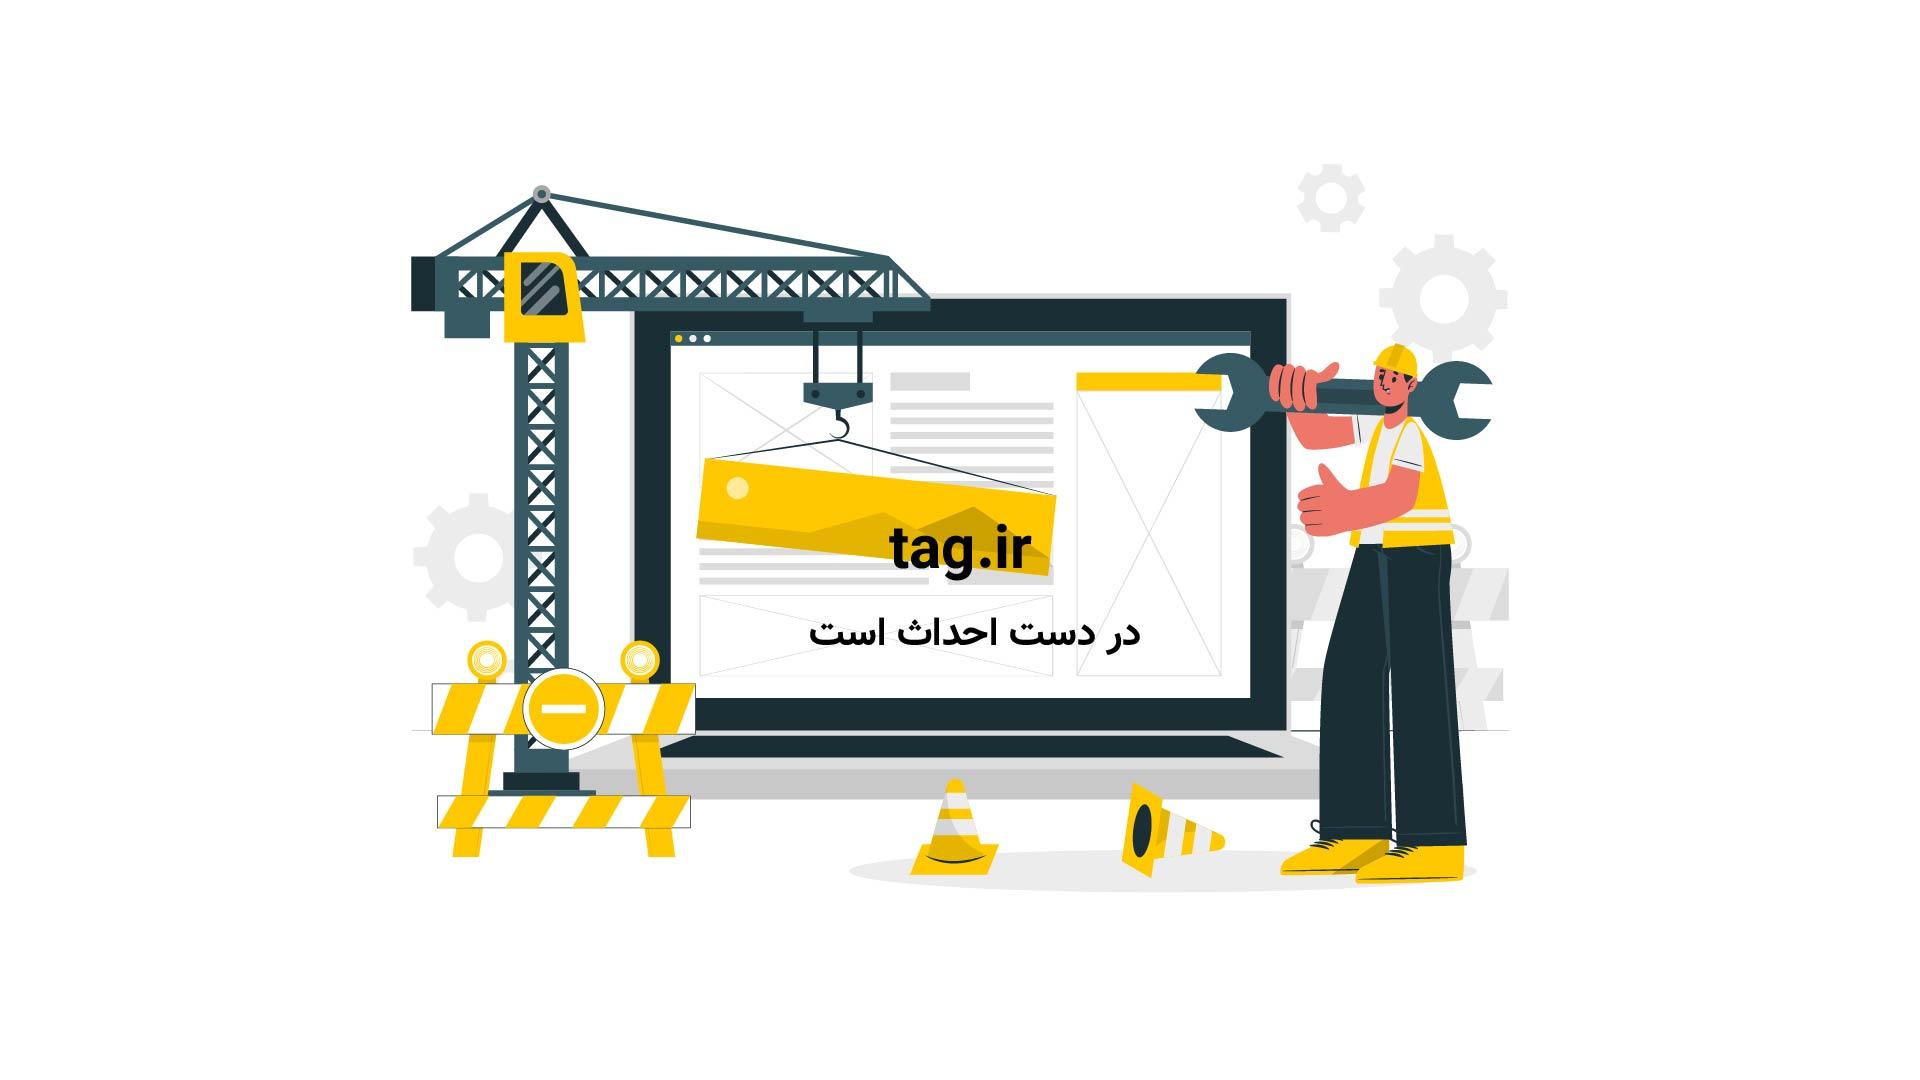 سبد میوه هندوانه ای | تگ